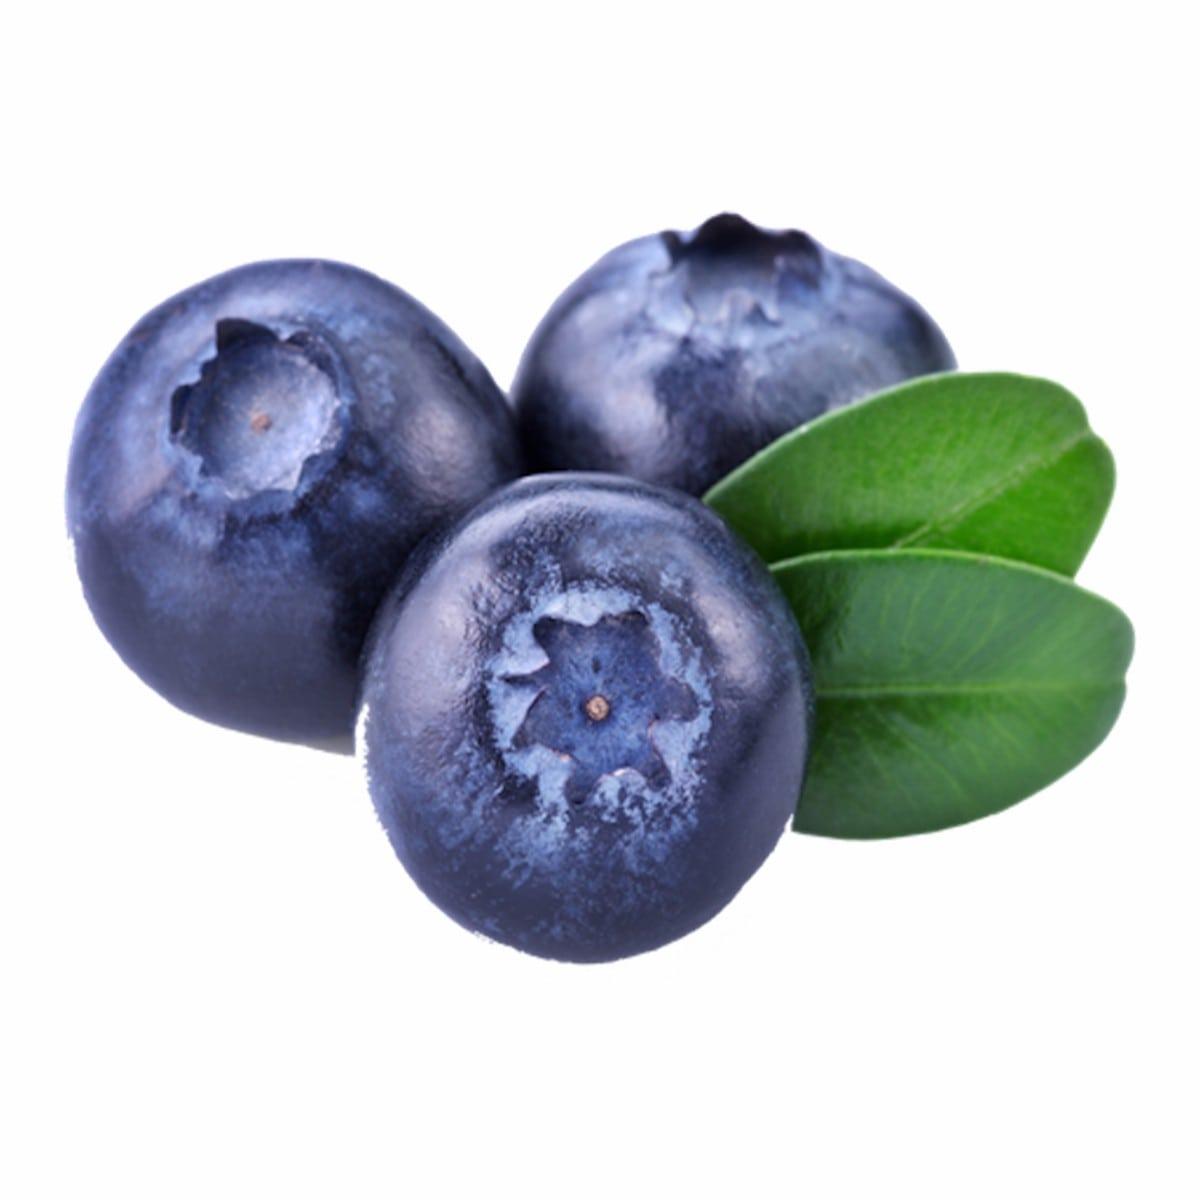 order fresh blueberries online